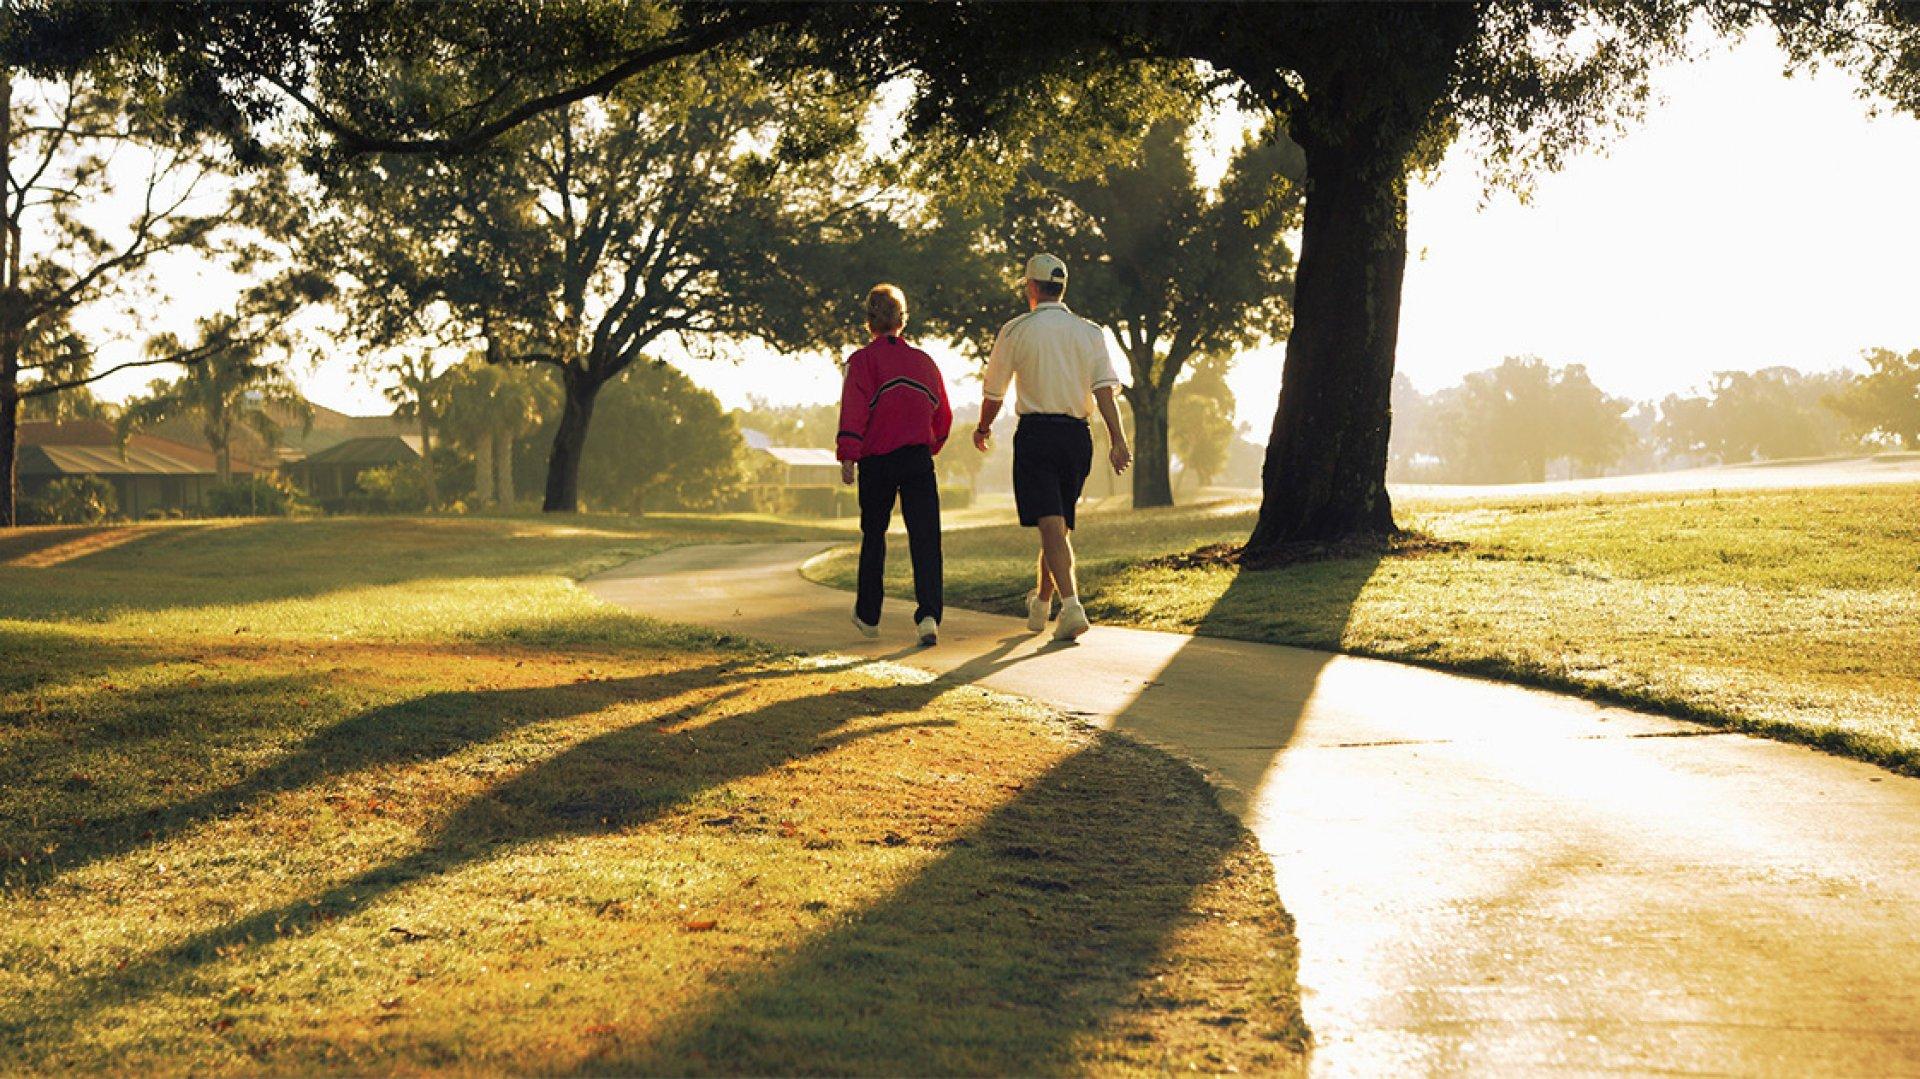 Cât de eficient este mersul pe jos după masă